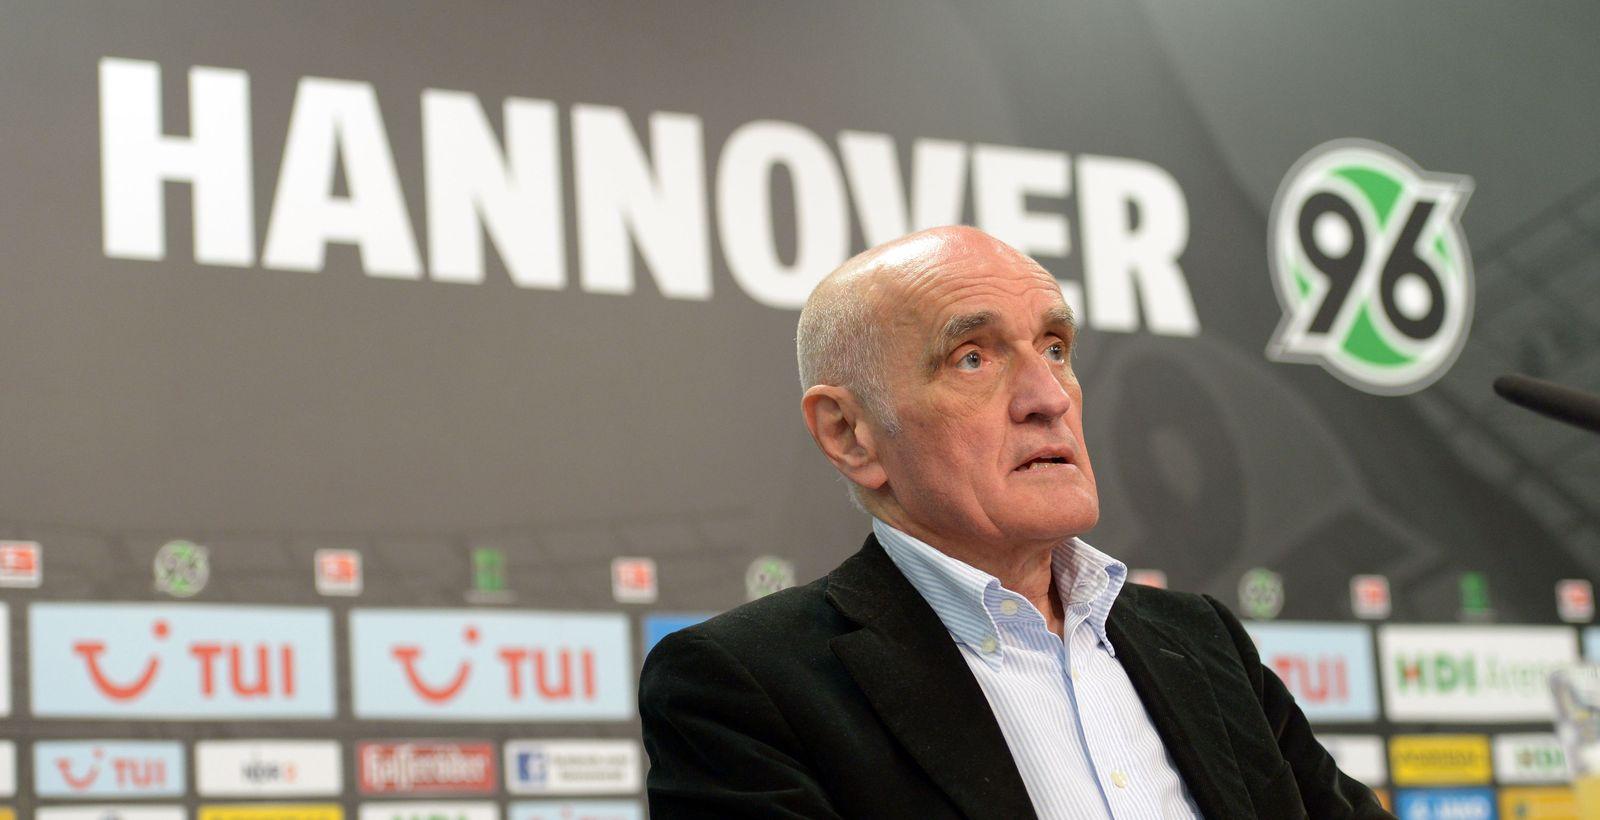 Hannover 96 - Pk Steven Cherundolo